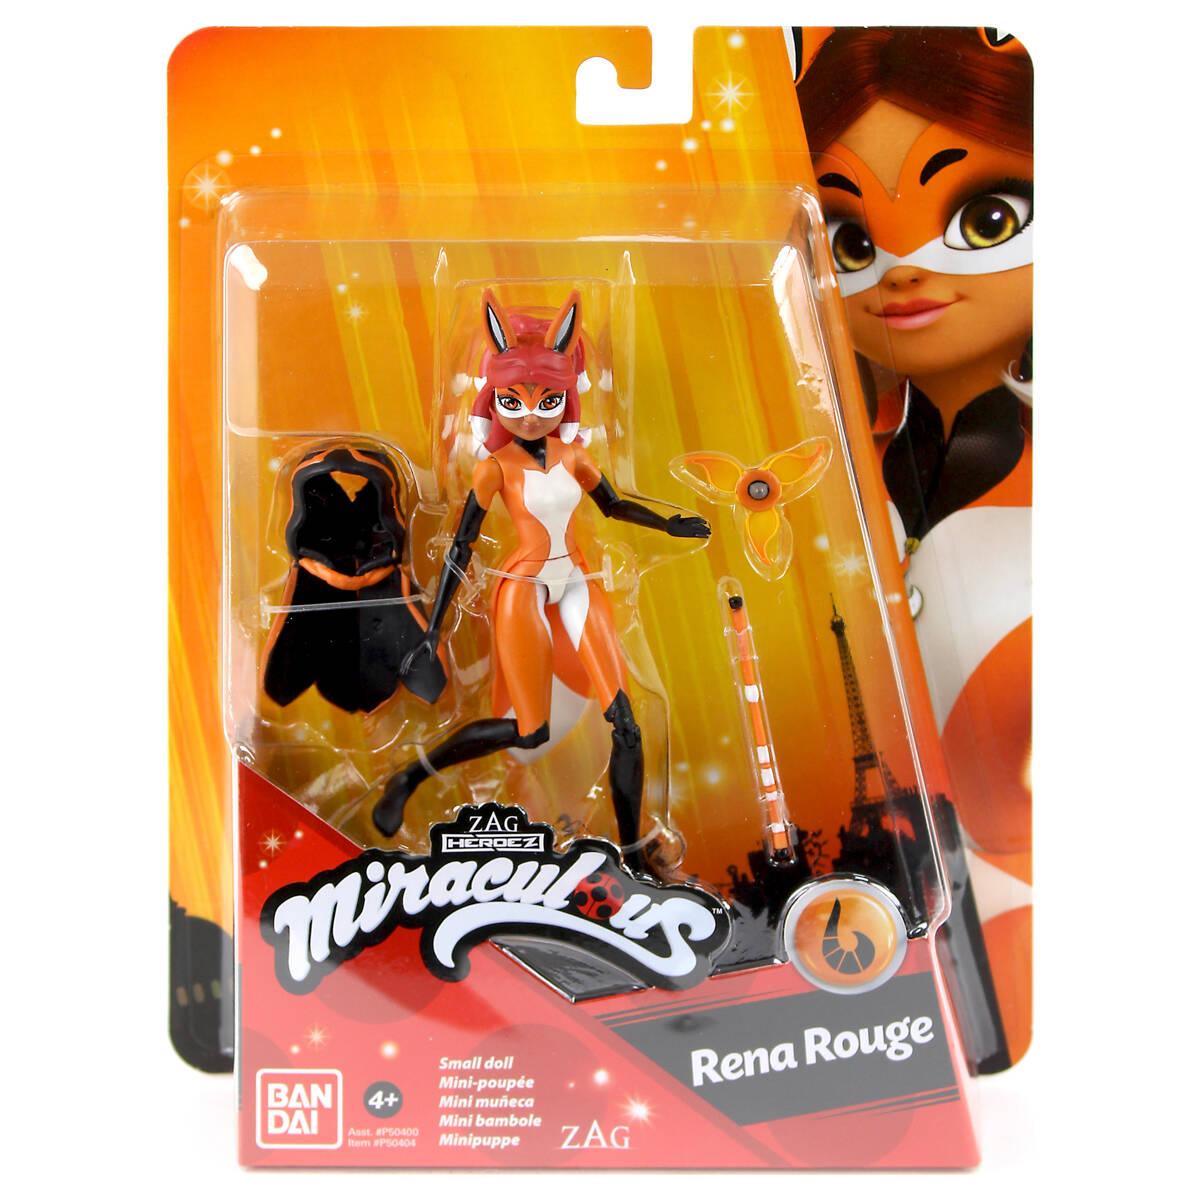 Bandai Miraculous Ladybug P50404 Bambola 12 cm Rena Rouge